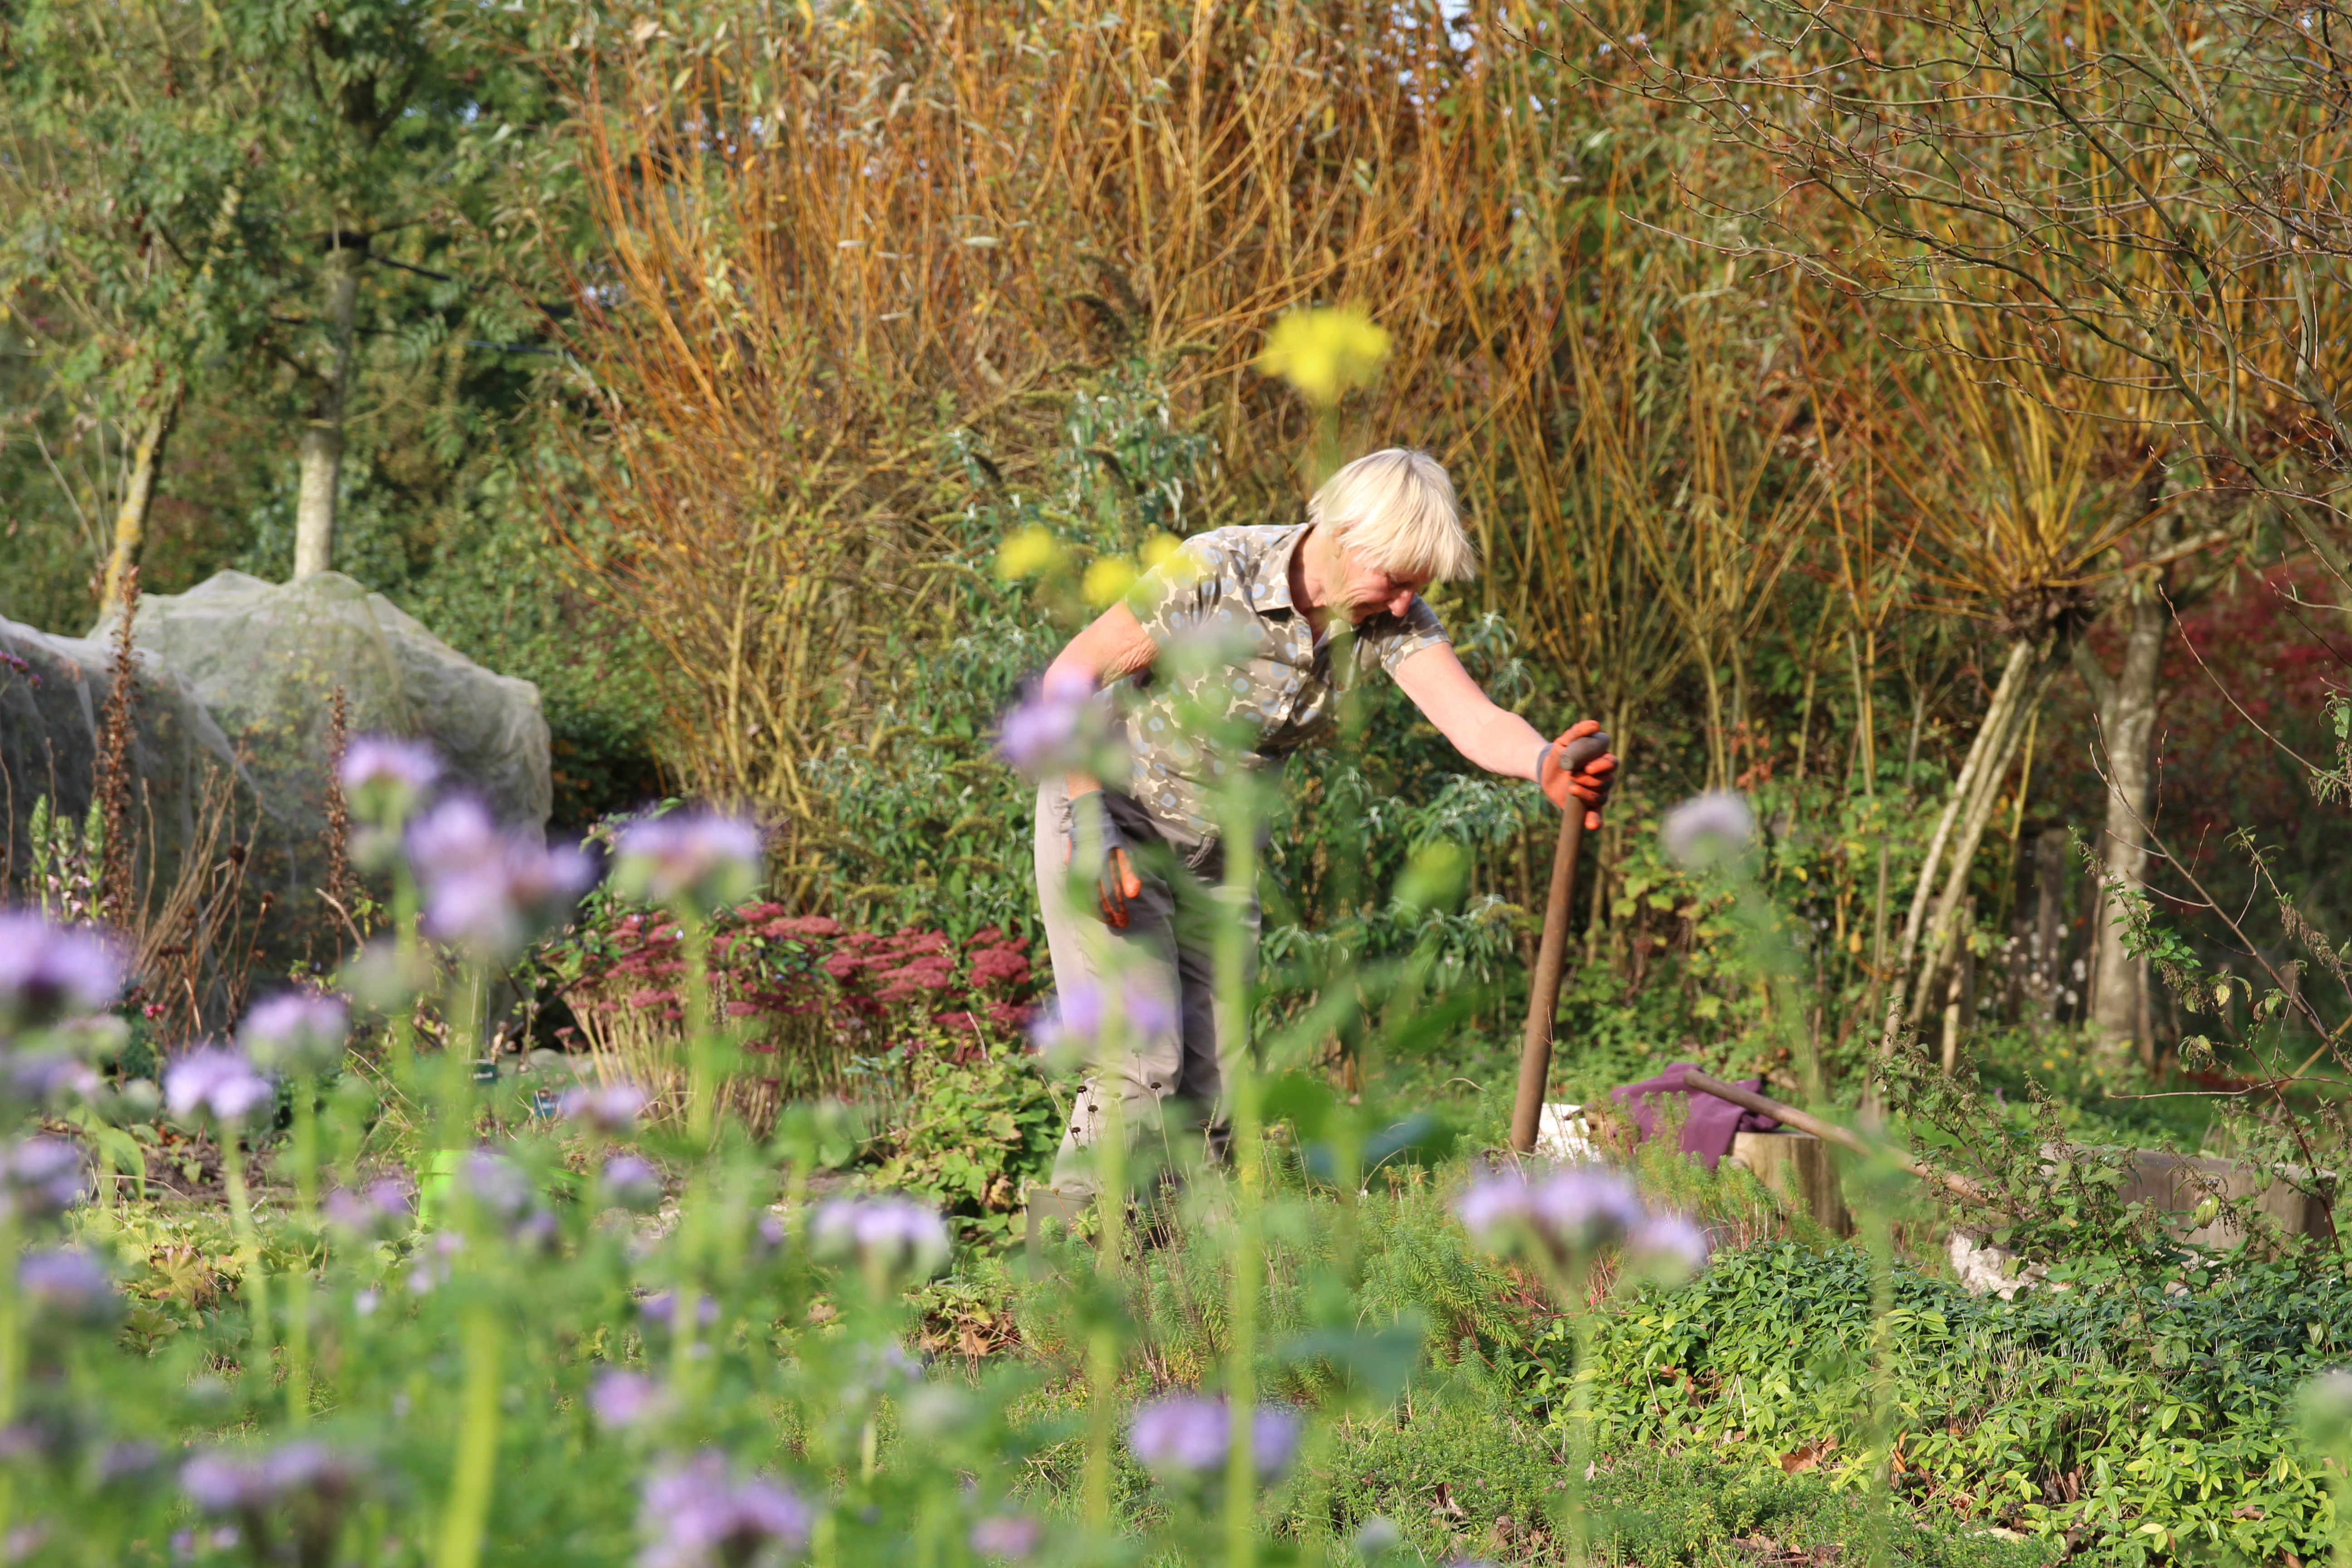 vrijwilligster in de tuin